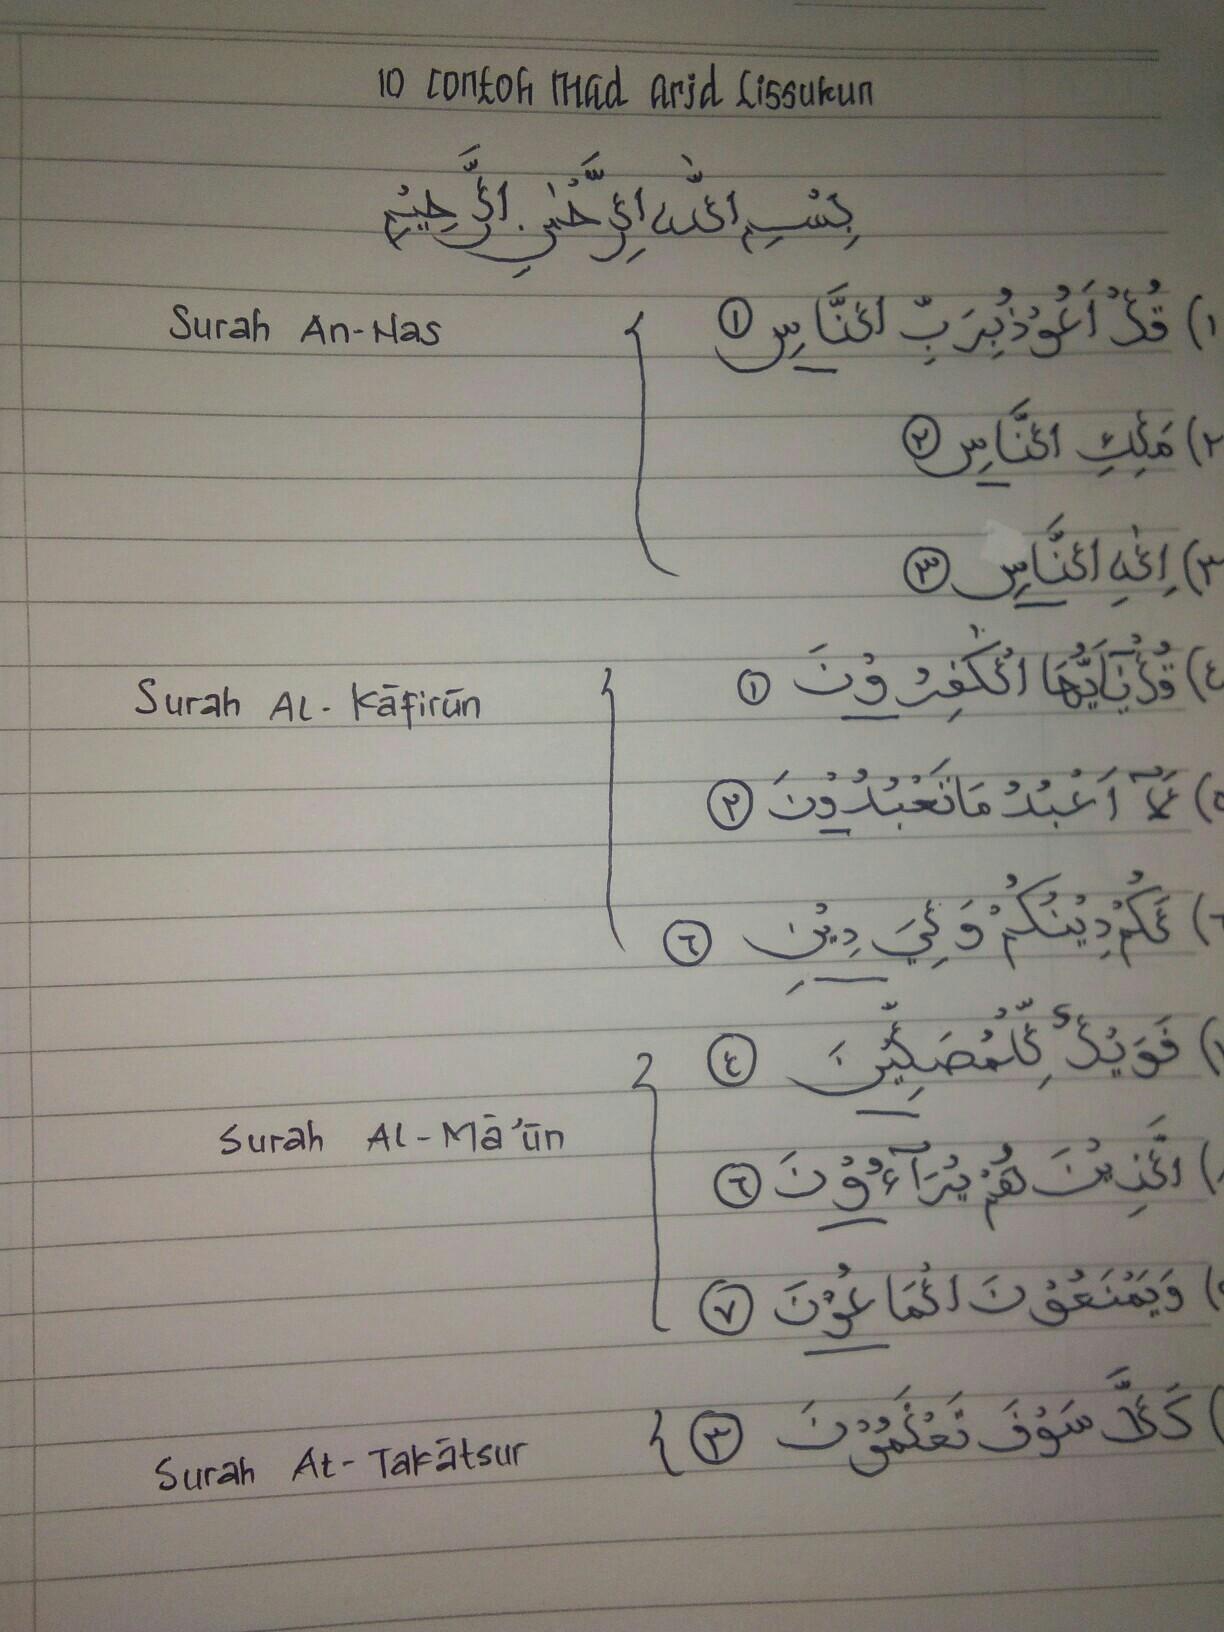 Contoh Mad Arid Lissukun Dalam Al Quran - Berbagai Contoh